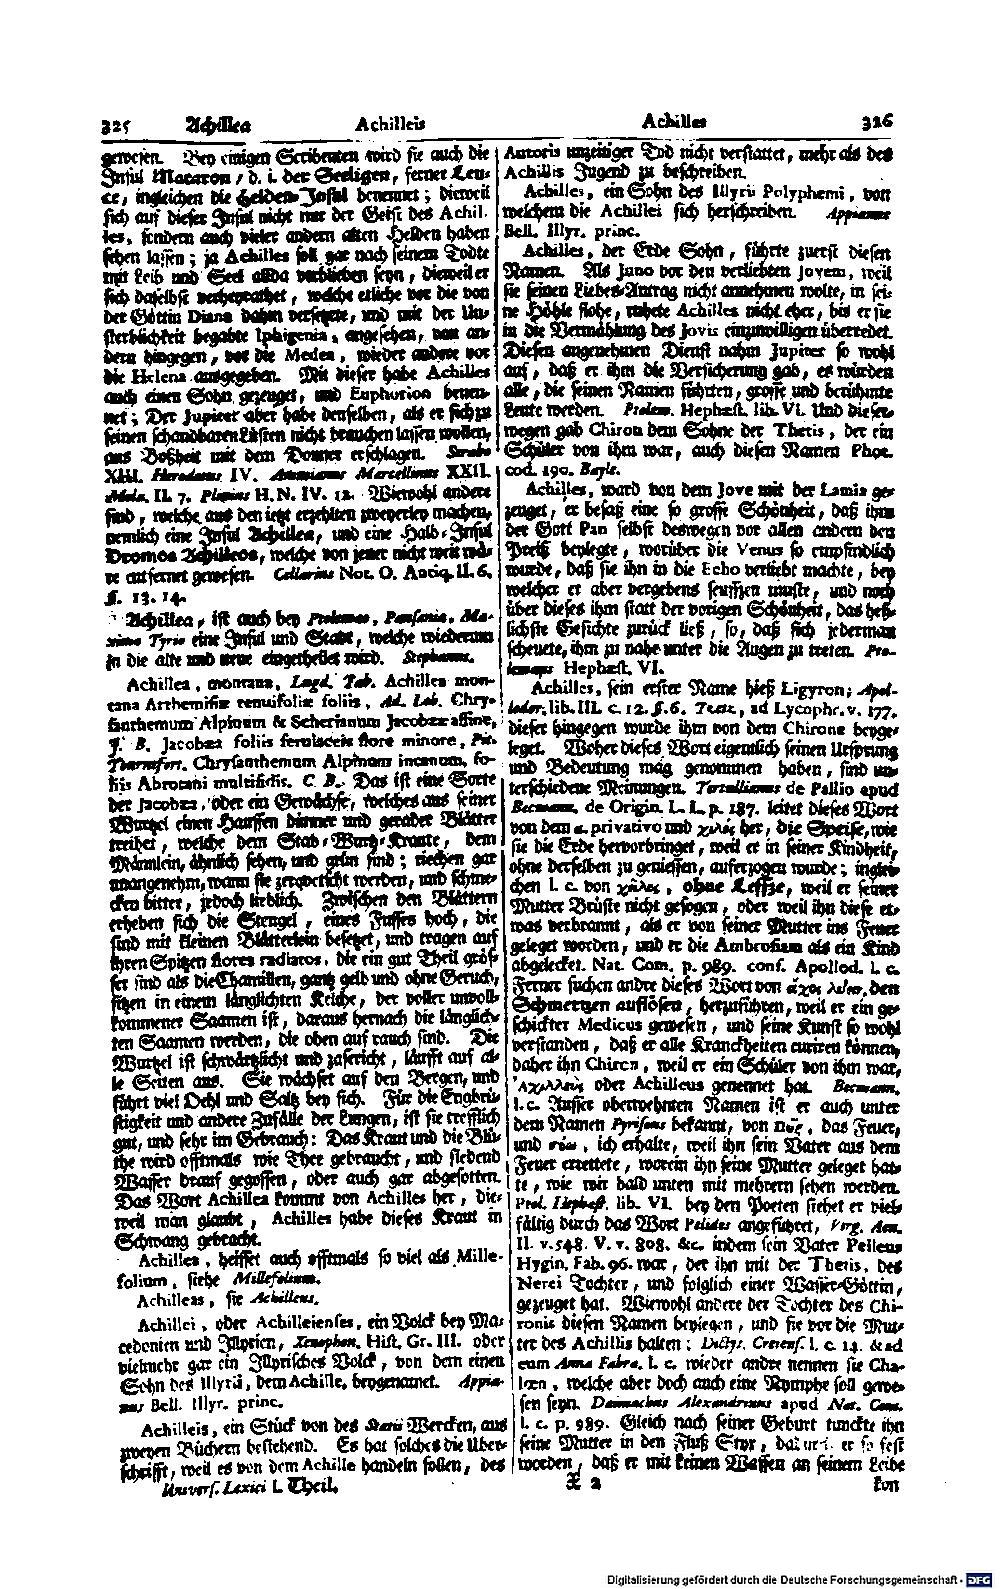 Bd. 01, Seite 0202.